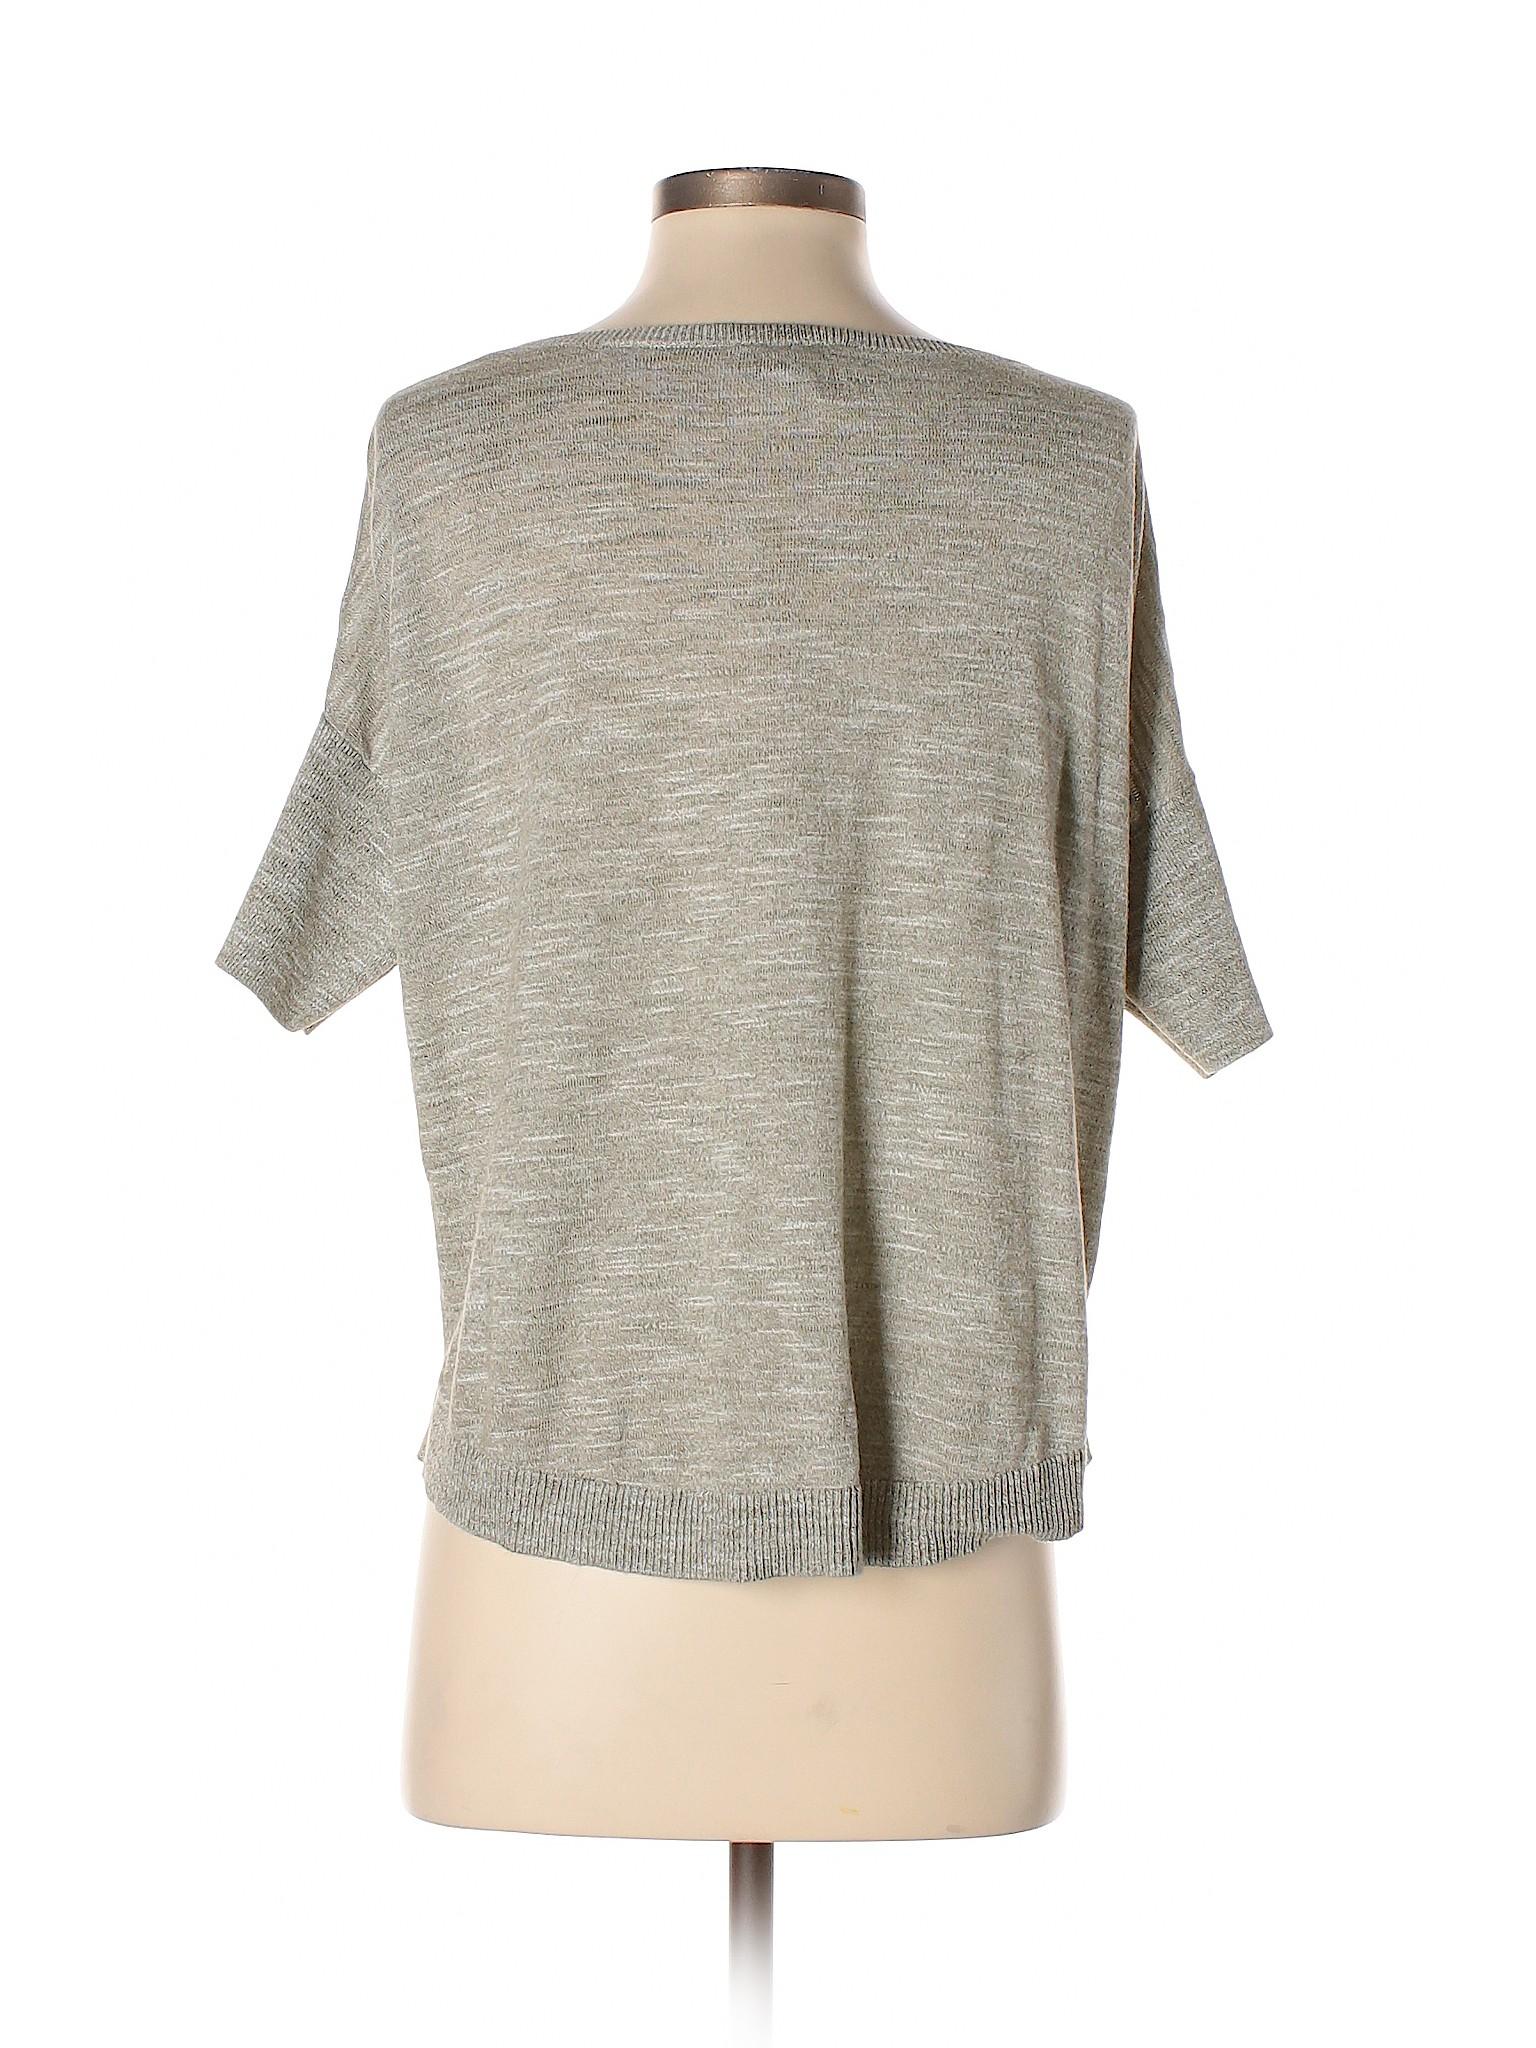 Ann Pullover Sweater Taylor LOFT Boutique xvqA4HwdA